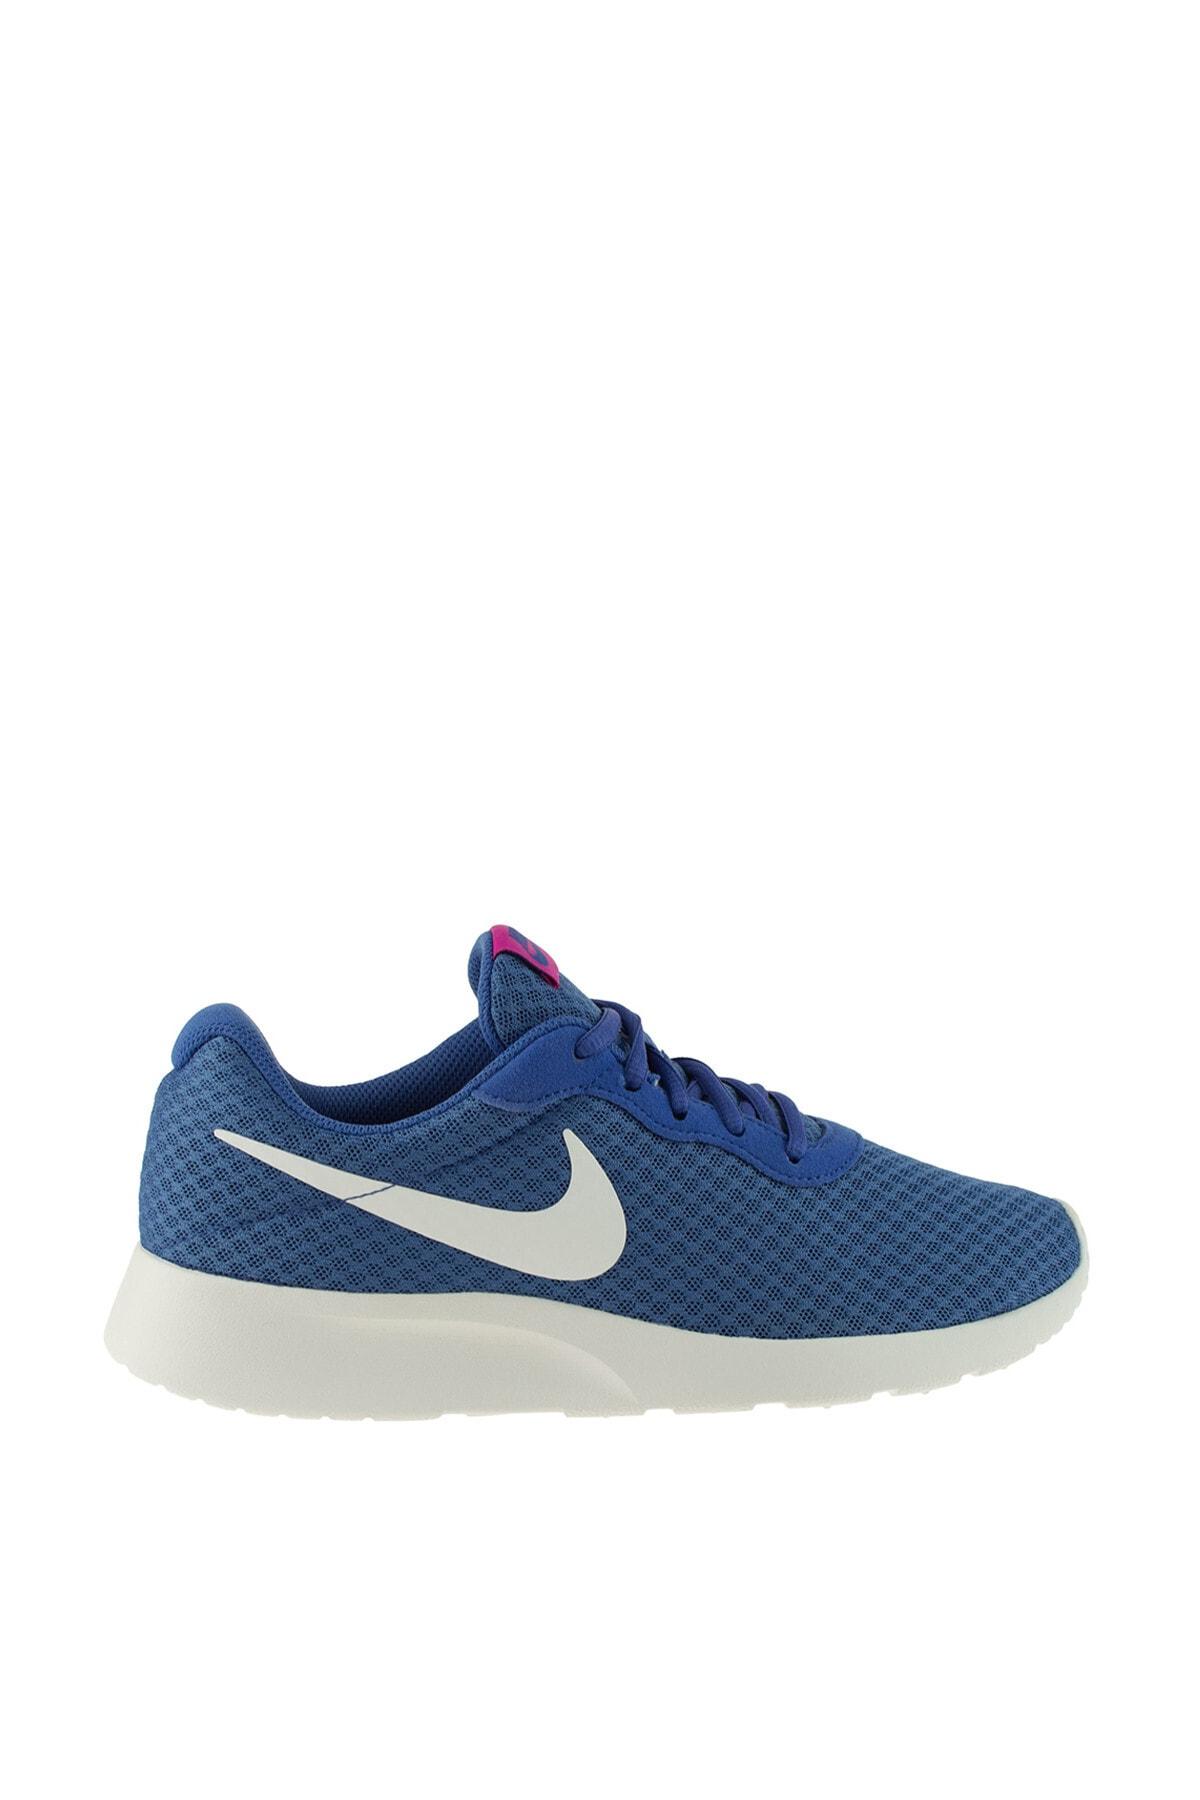 Nike Kadın Koşu Ayakkabısı - Tanjun - 812655-403 2